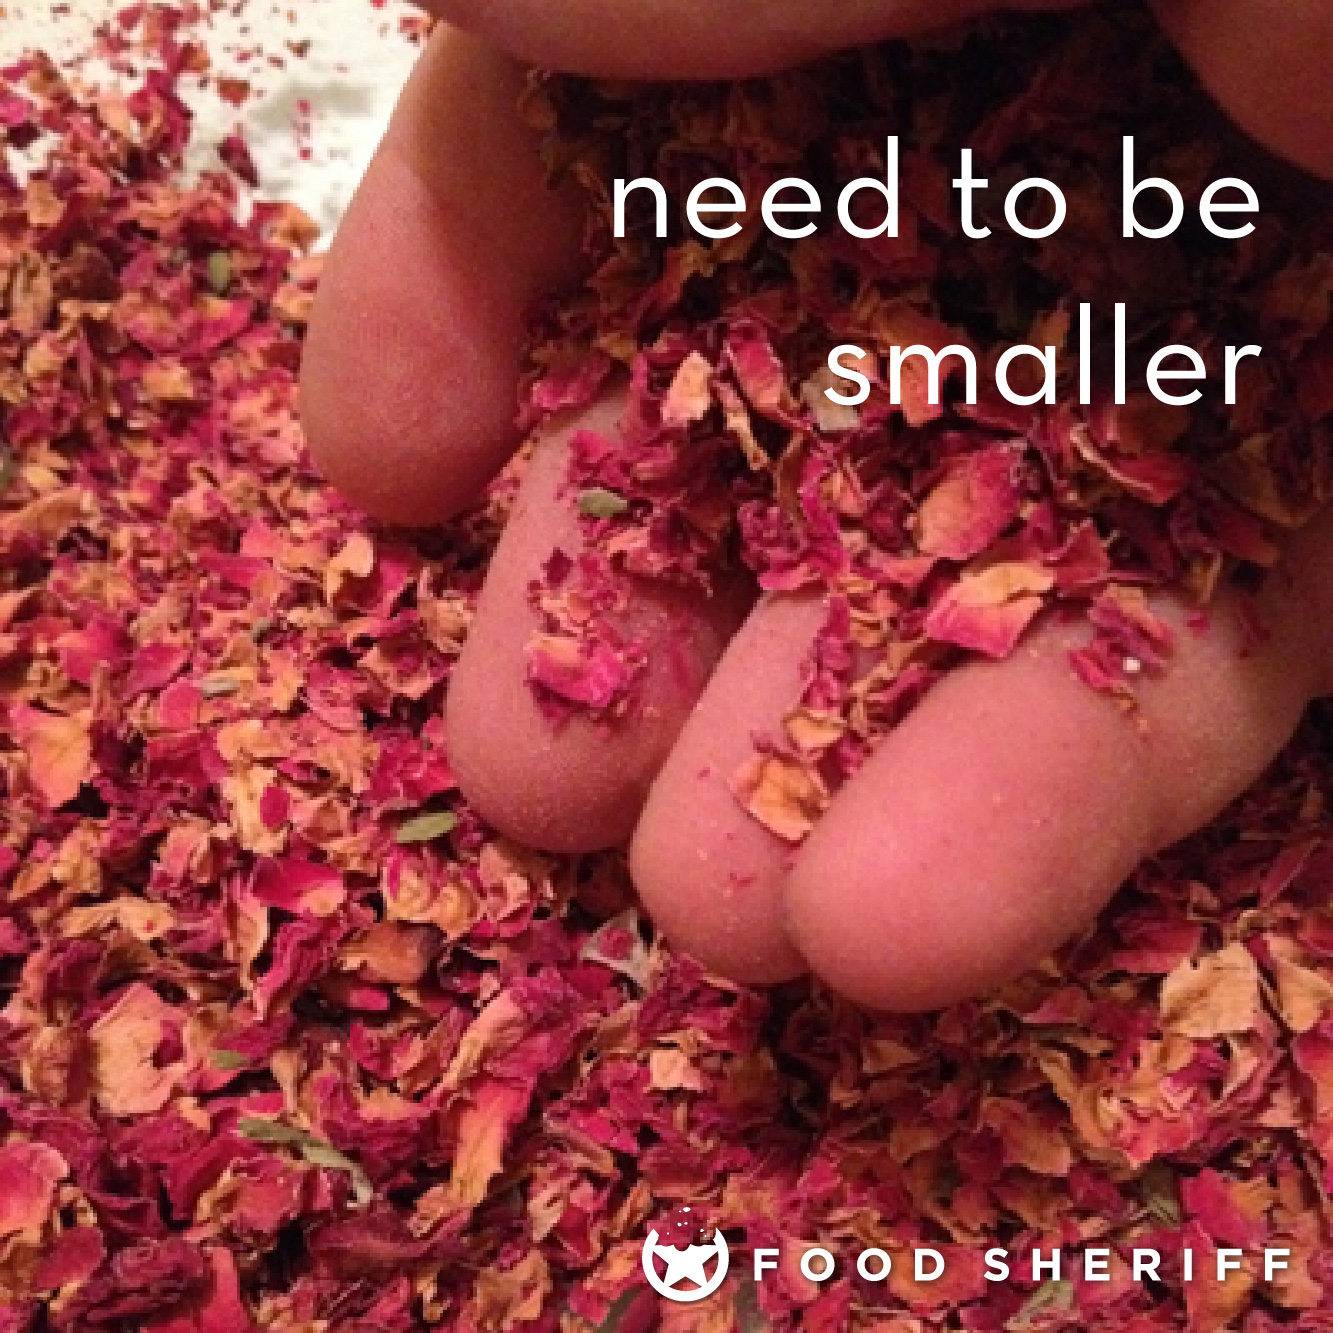 Food Sheriff's Flower Pepper 13.jpg